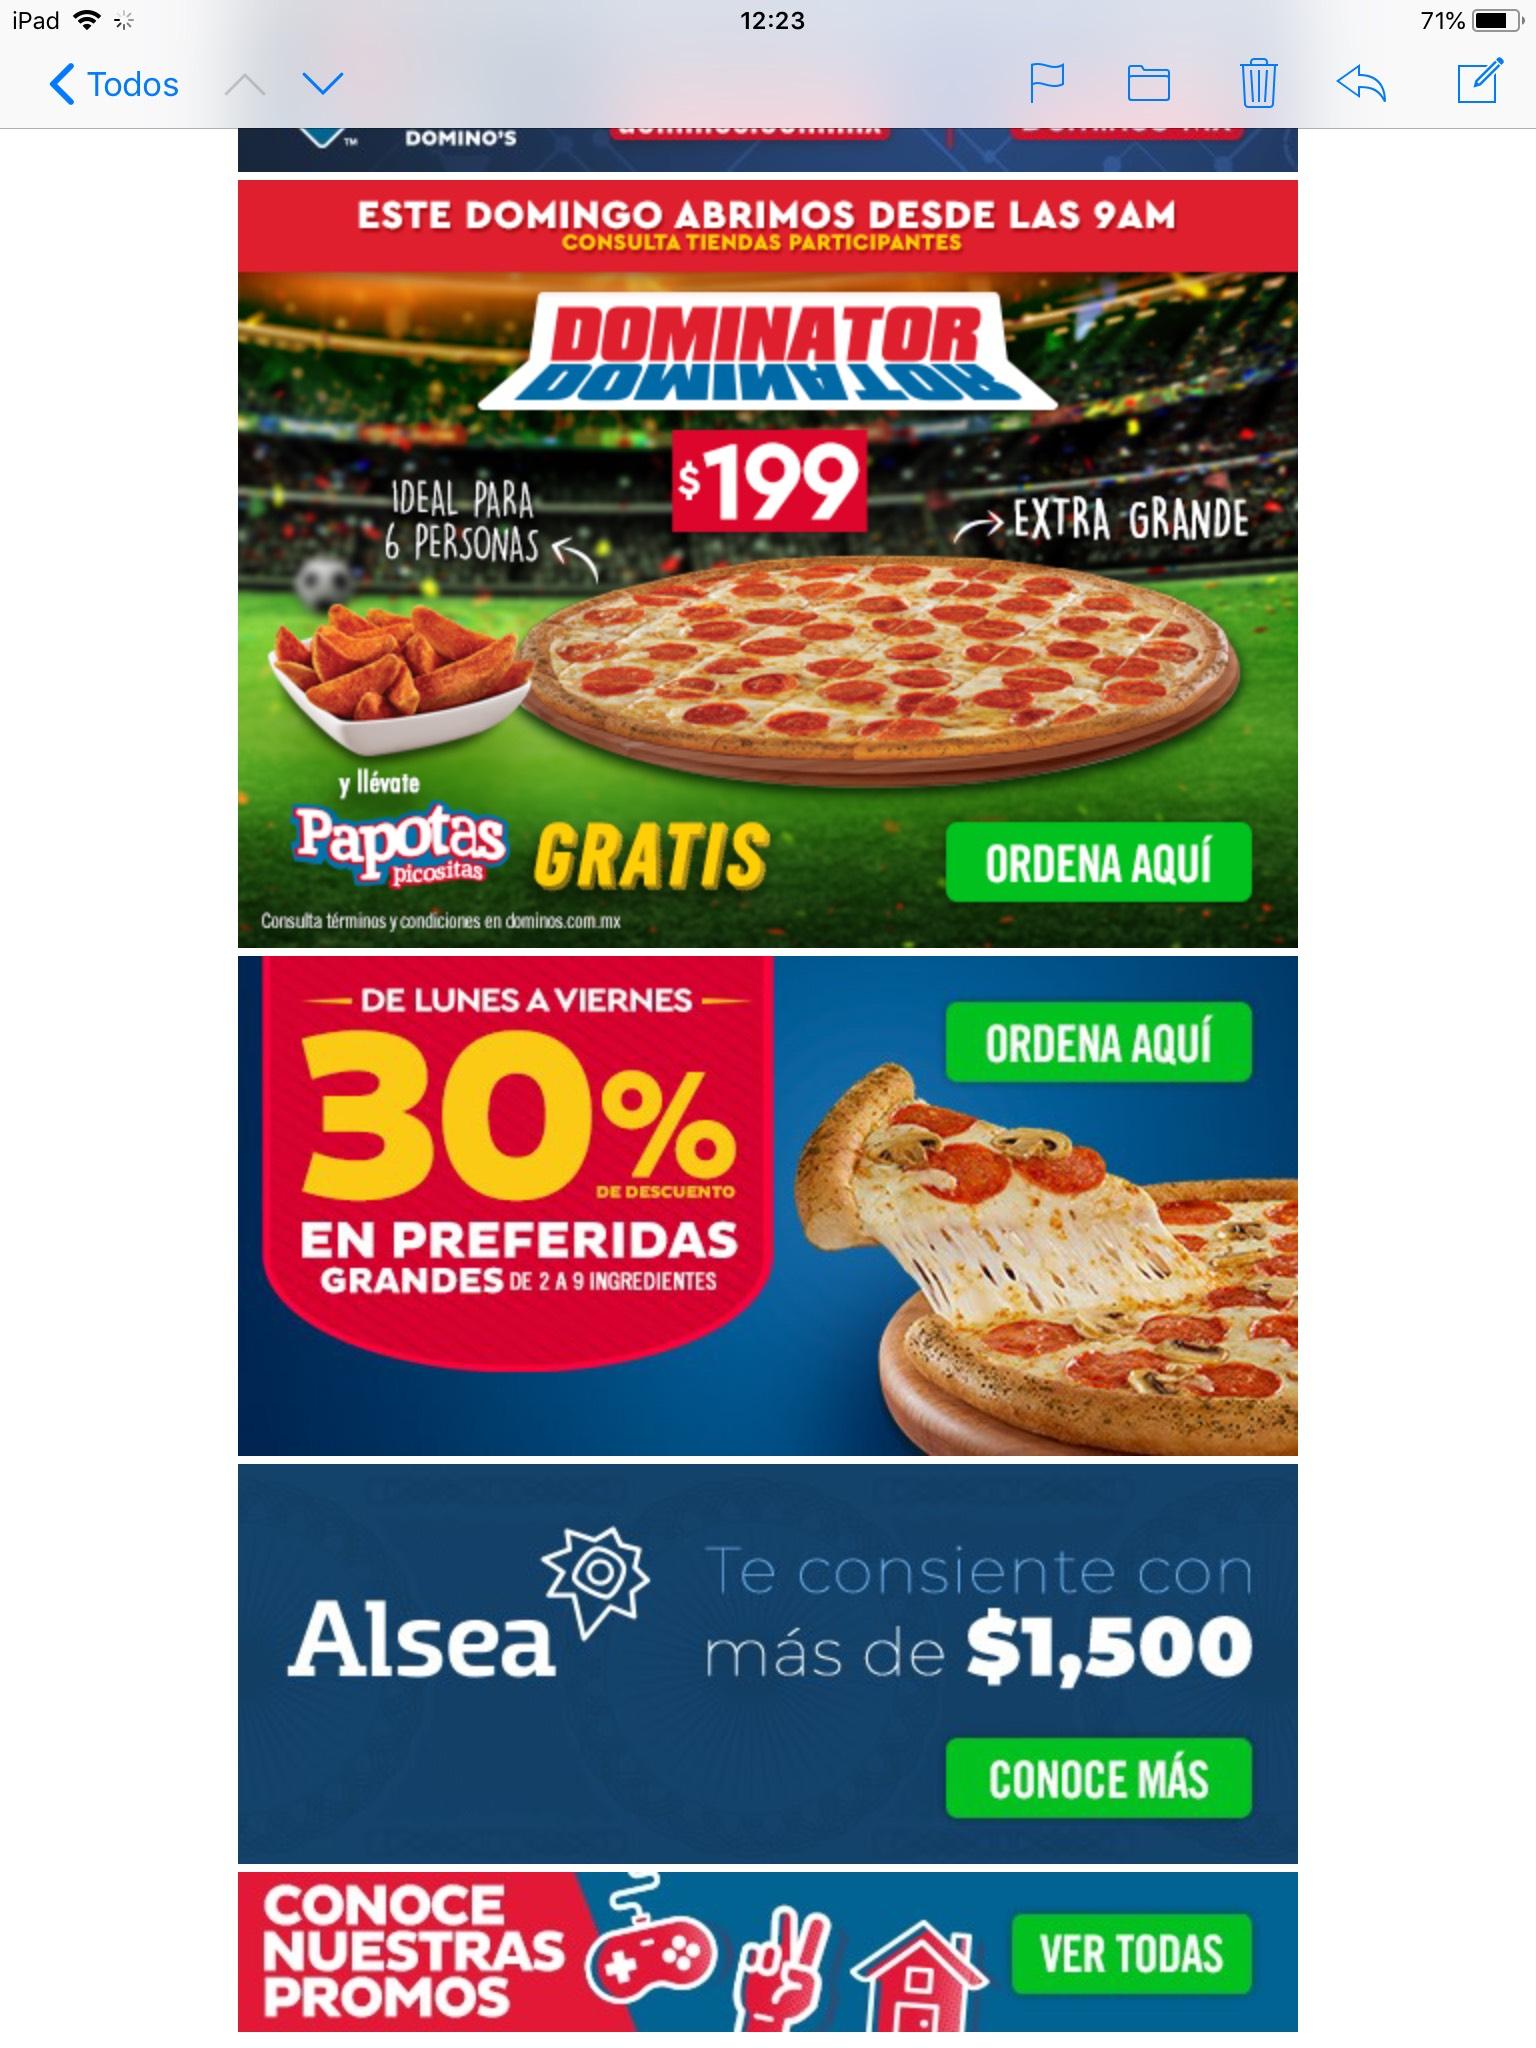 Domino's Pizza: 30% preferidas lunes a viernes Dominator D4 y papotas 199